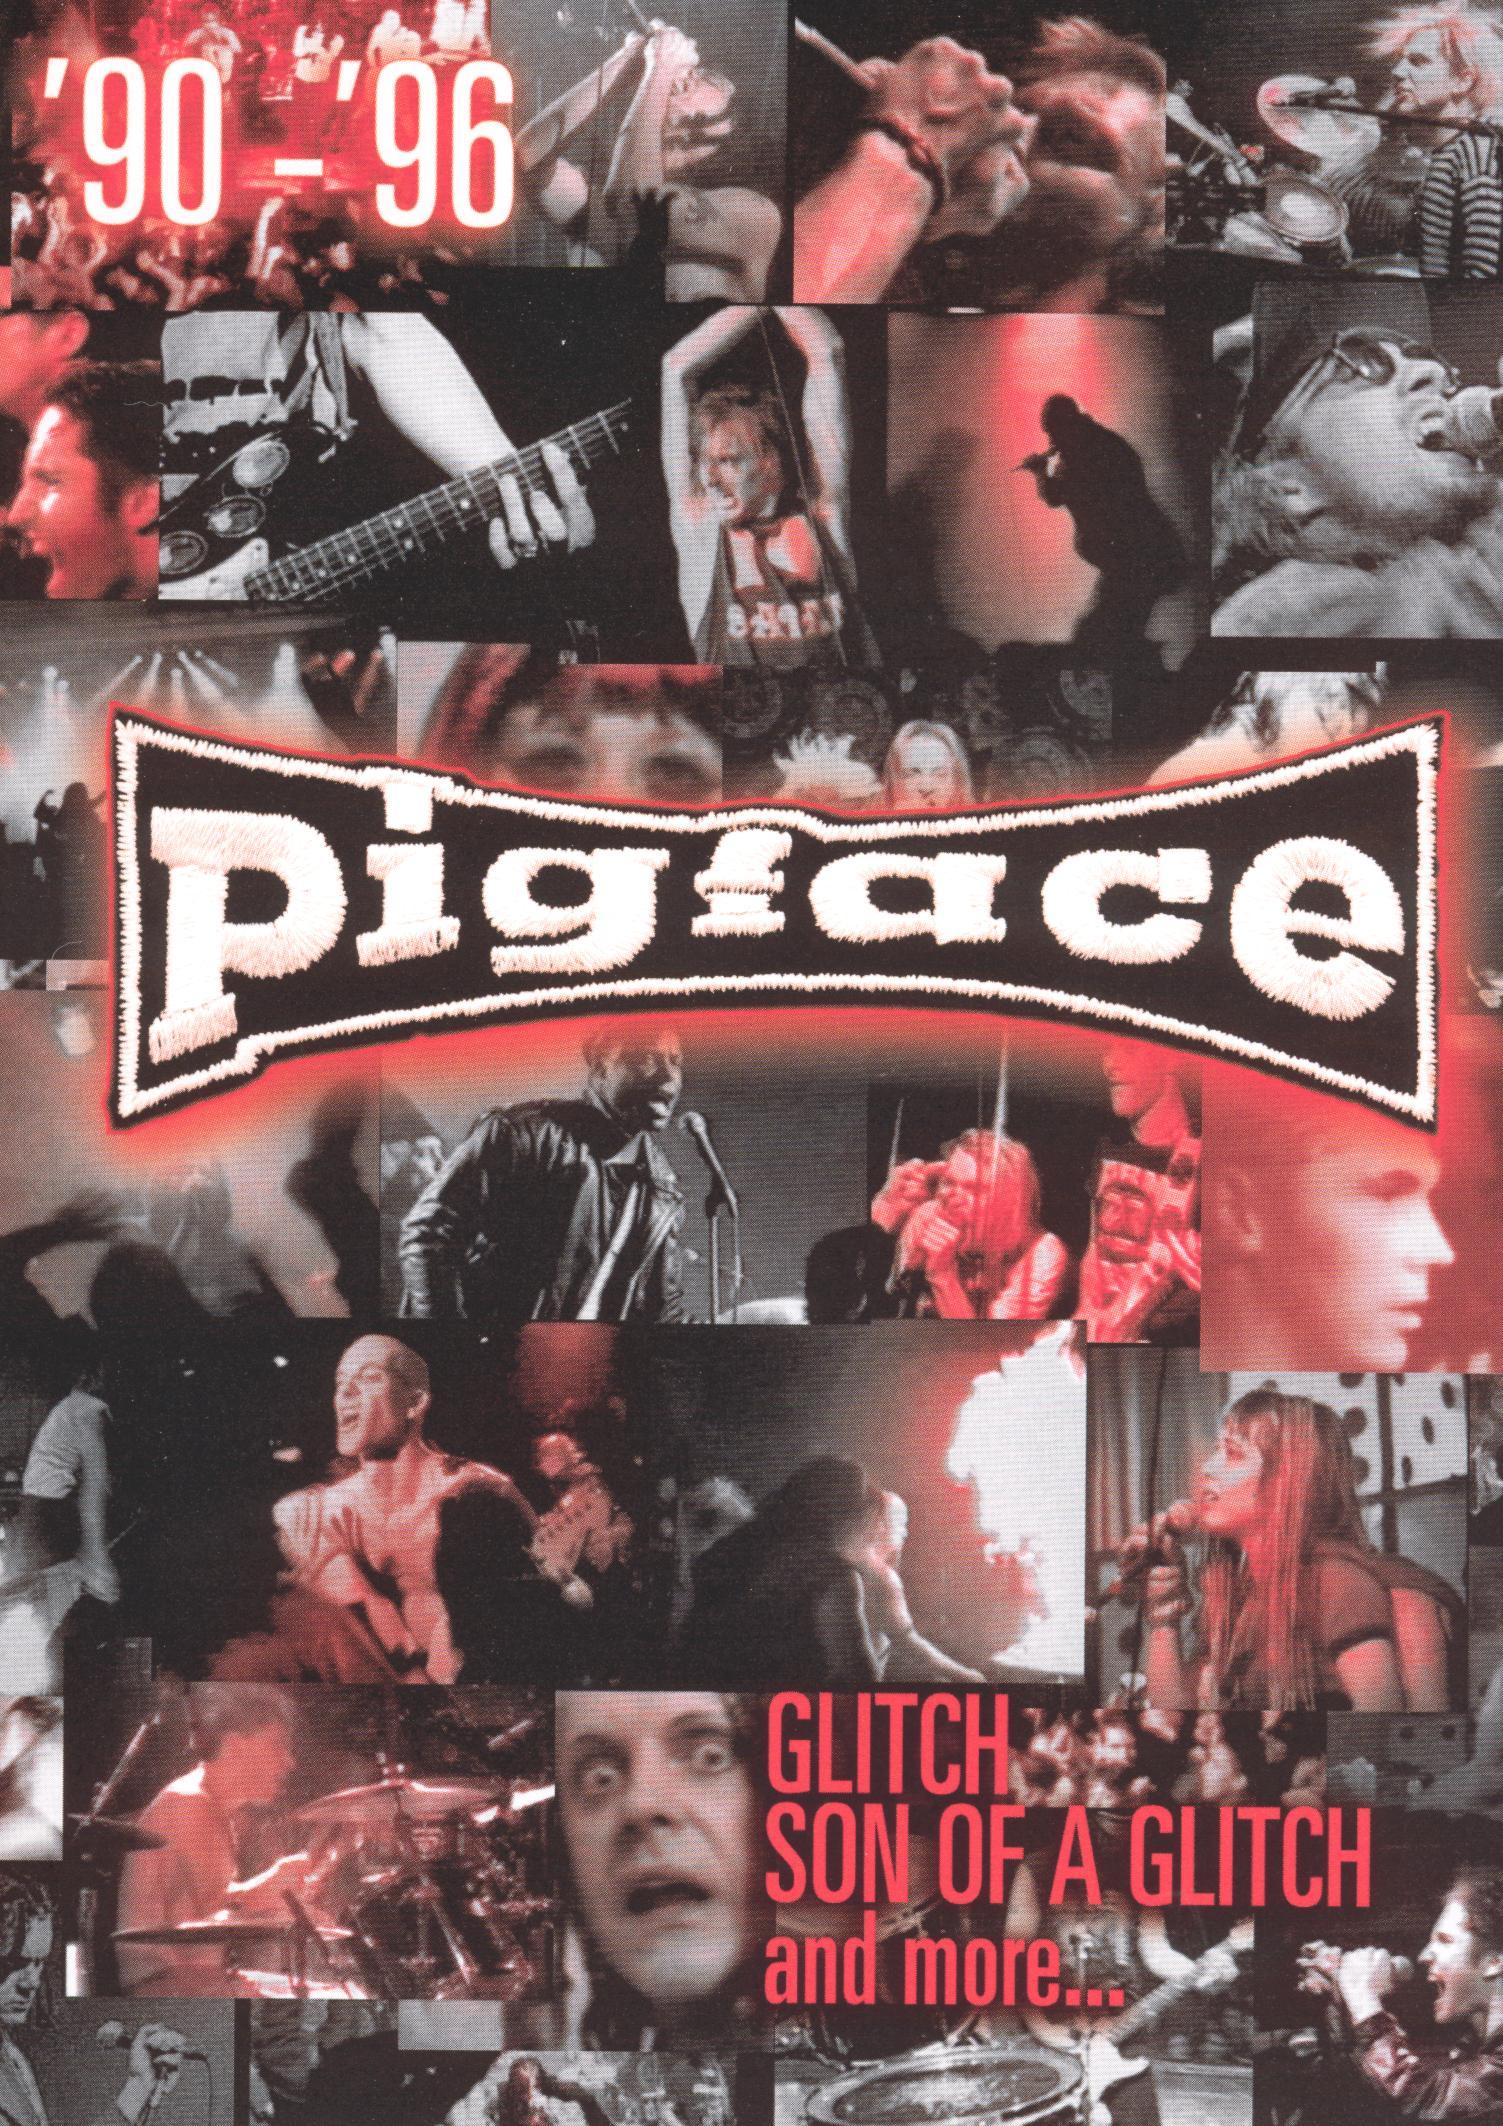 Pigface: 90-96